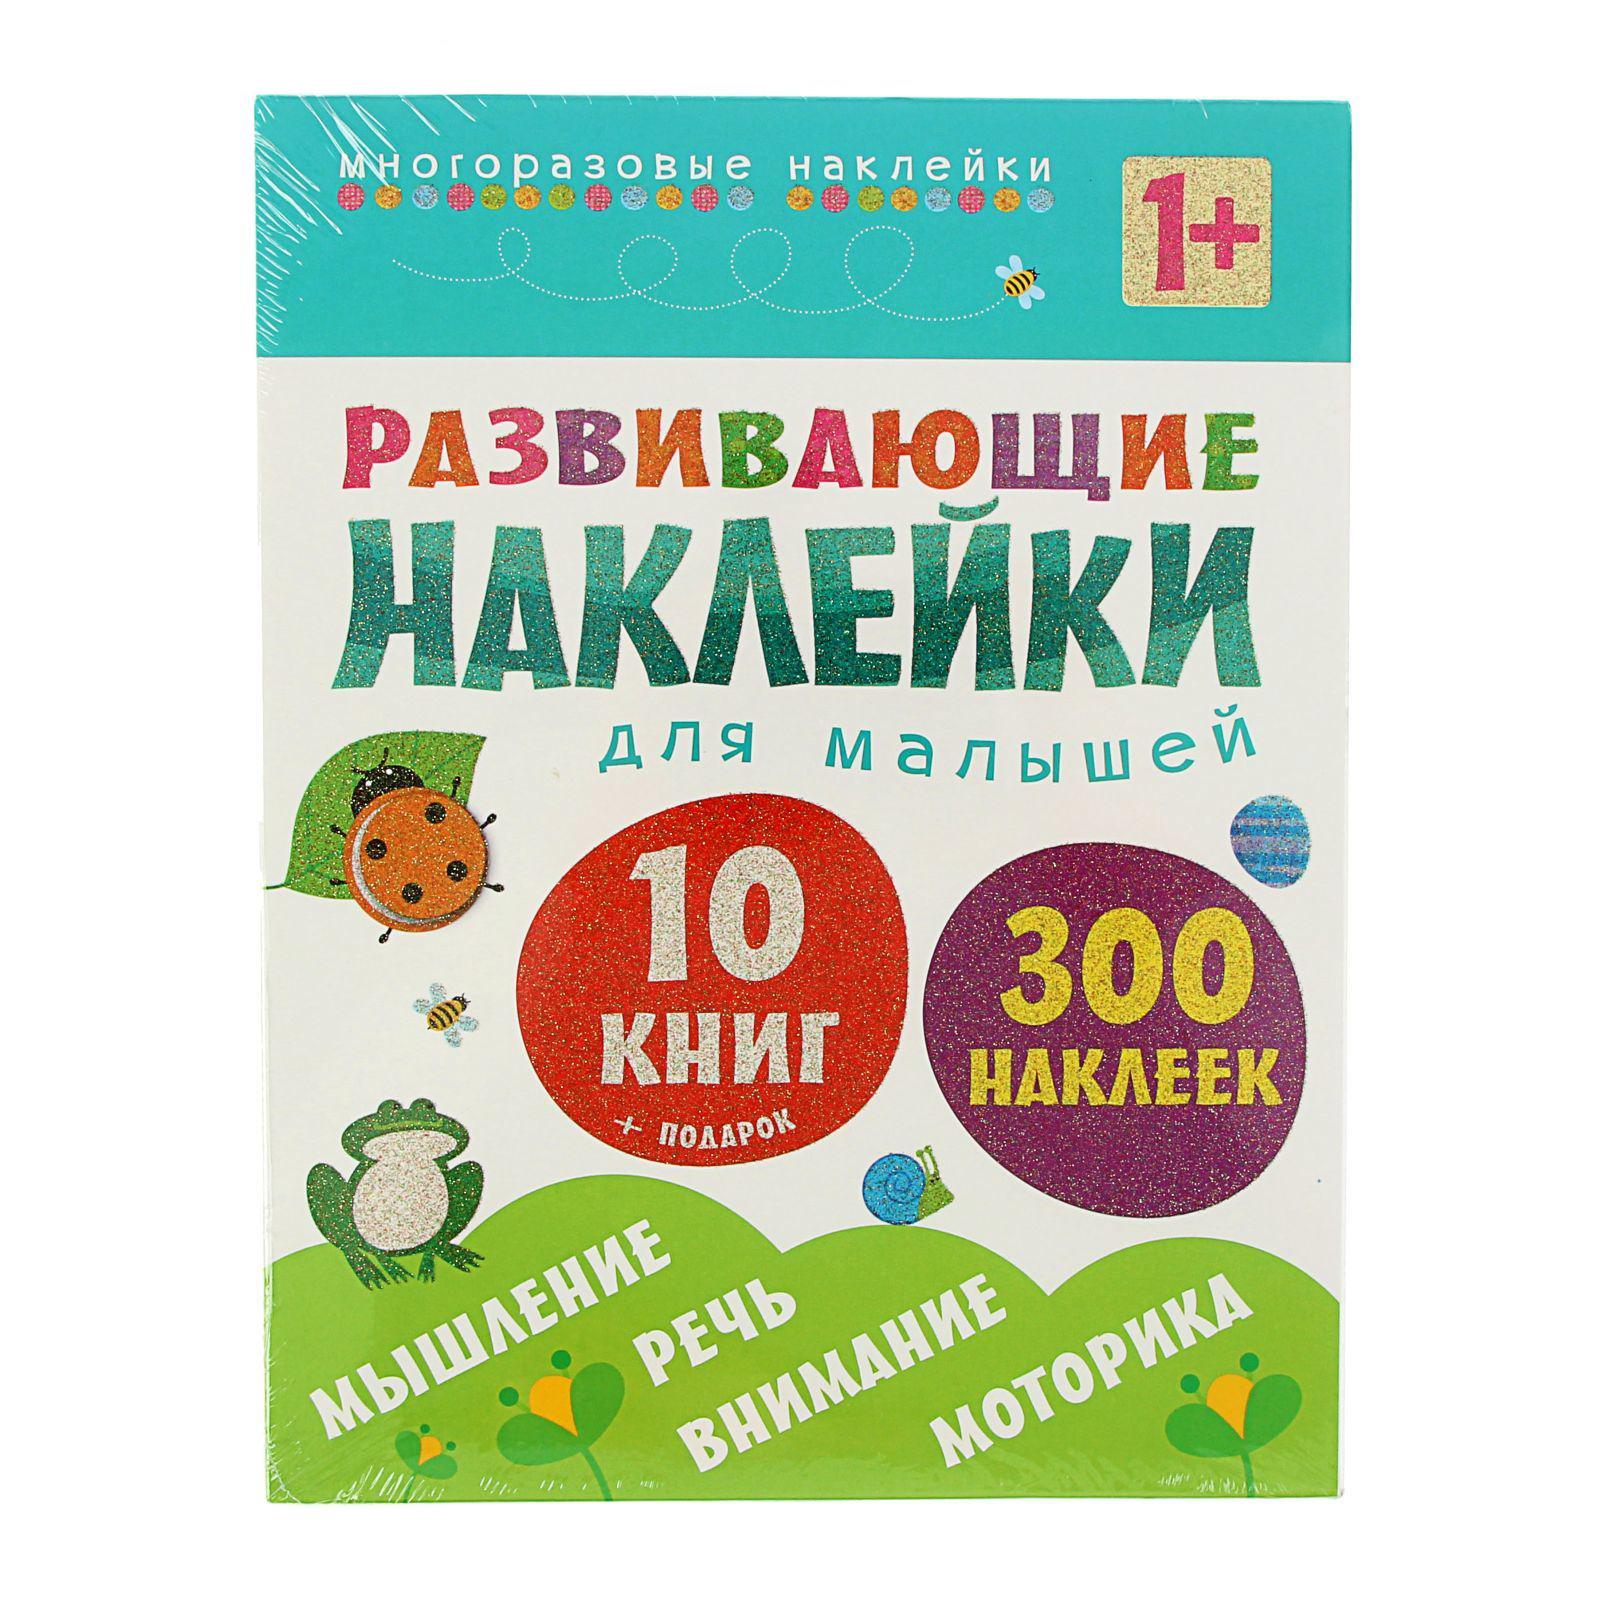 Развивающие наклейки для малышей – комплект из 10 книг, для детей от 1 годаРазвивающие наклейки<br>Развивающие наклейки для малышей – комплект из 10 книг, для детей от 1 года<br>